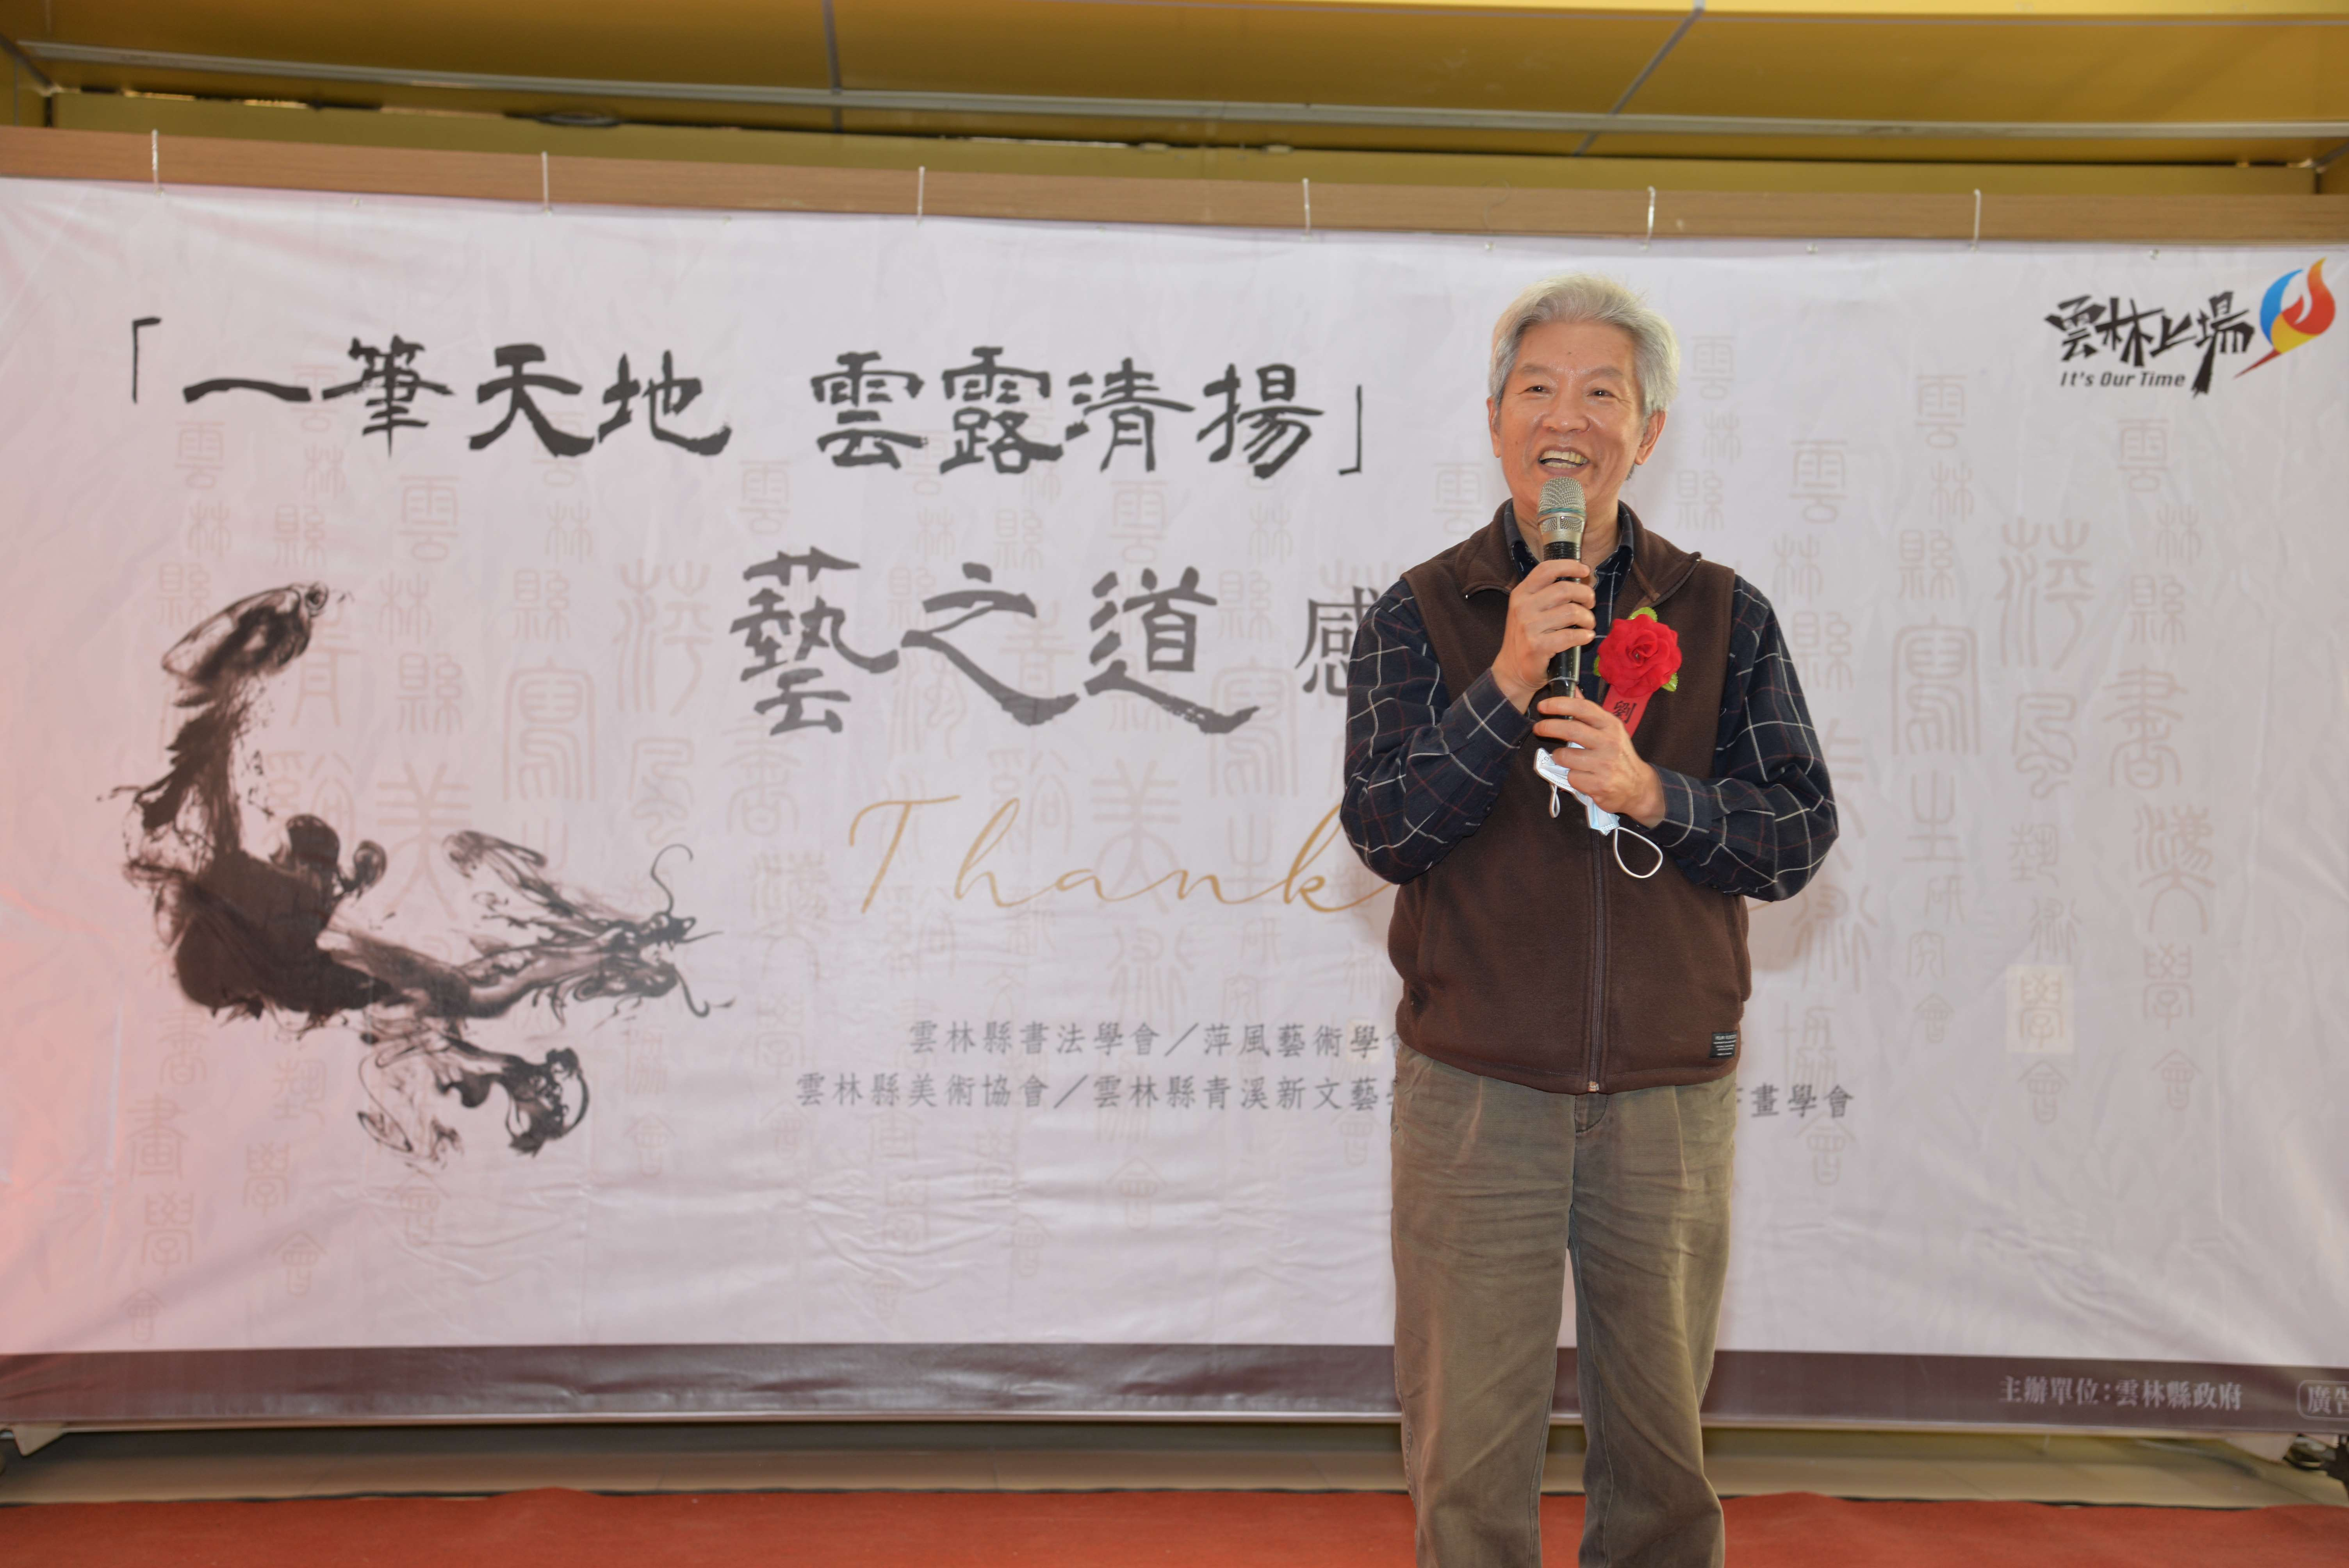 雲林縣書法學會理事長劉真今代表致詞